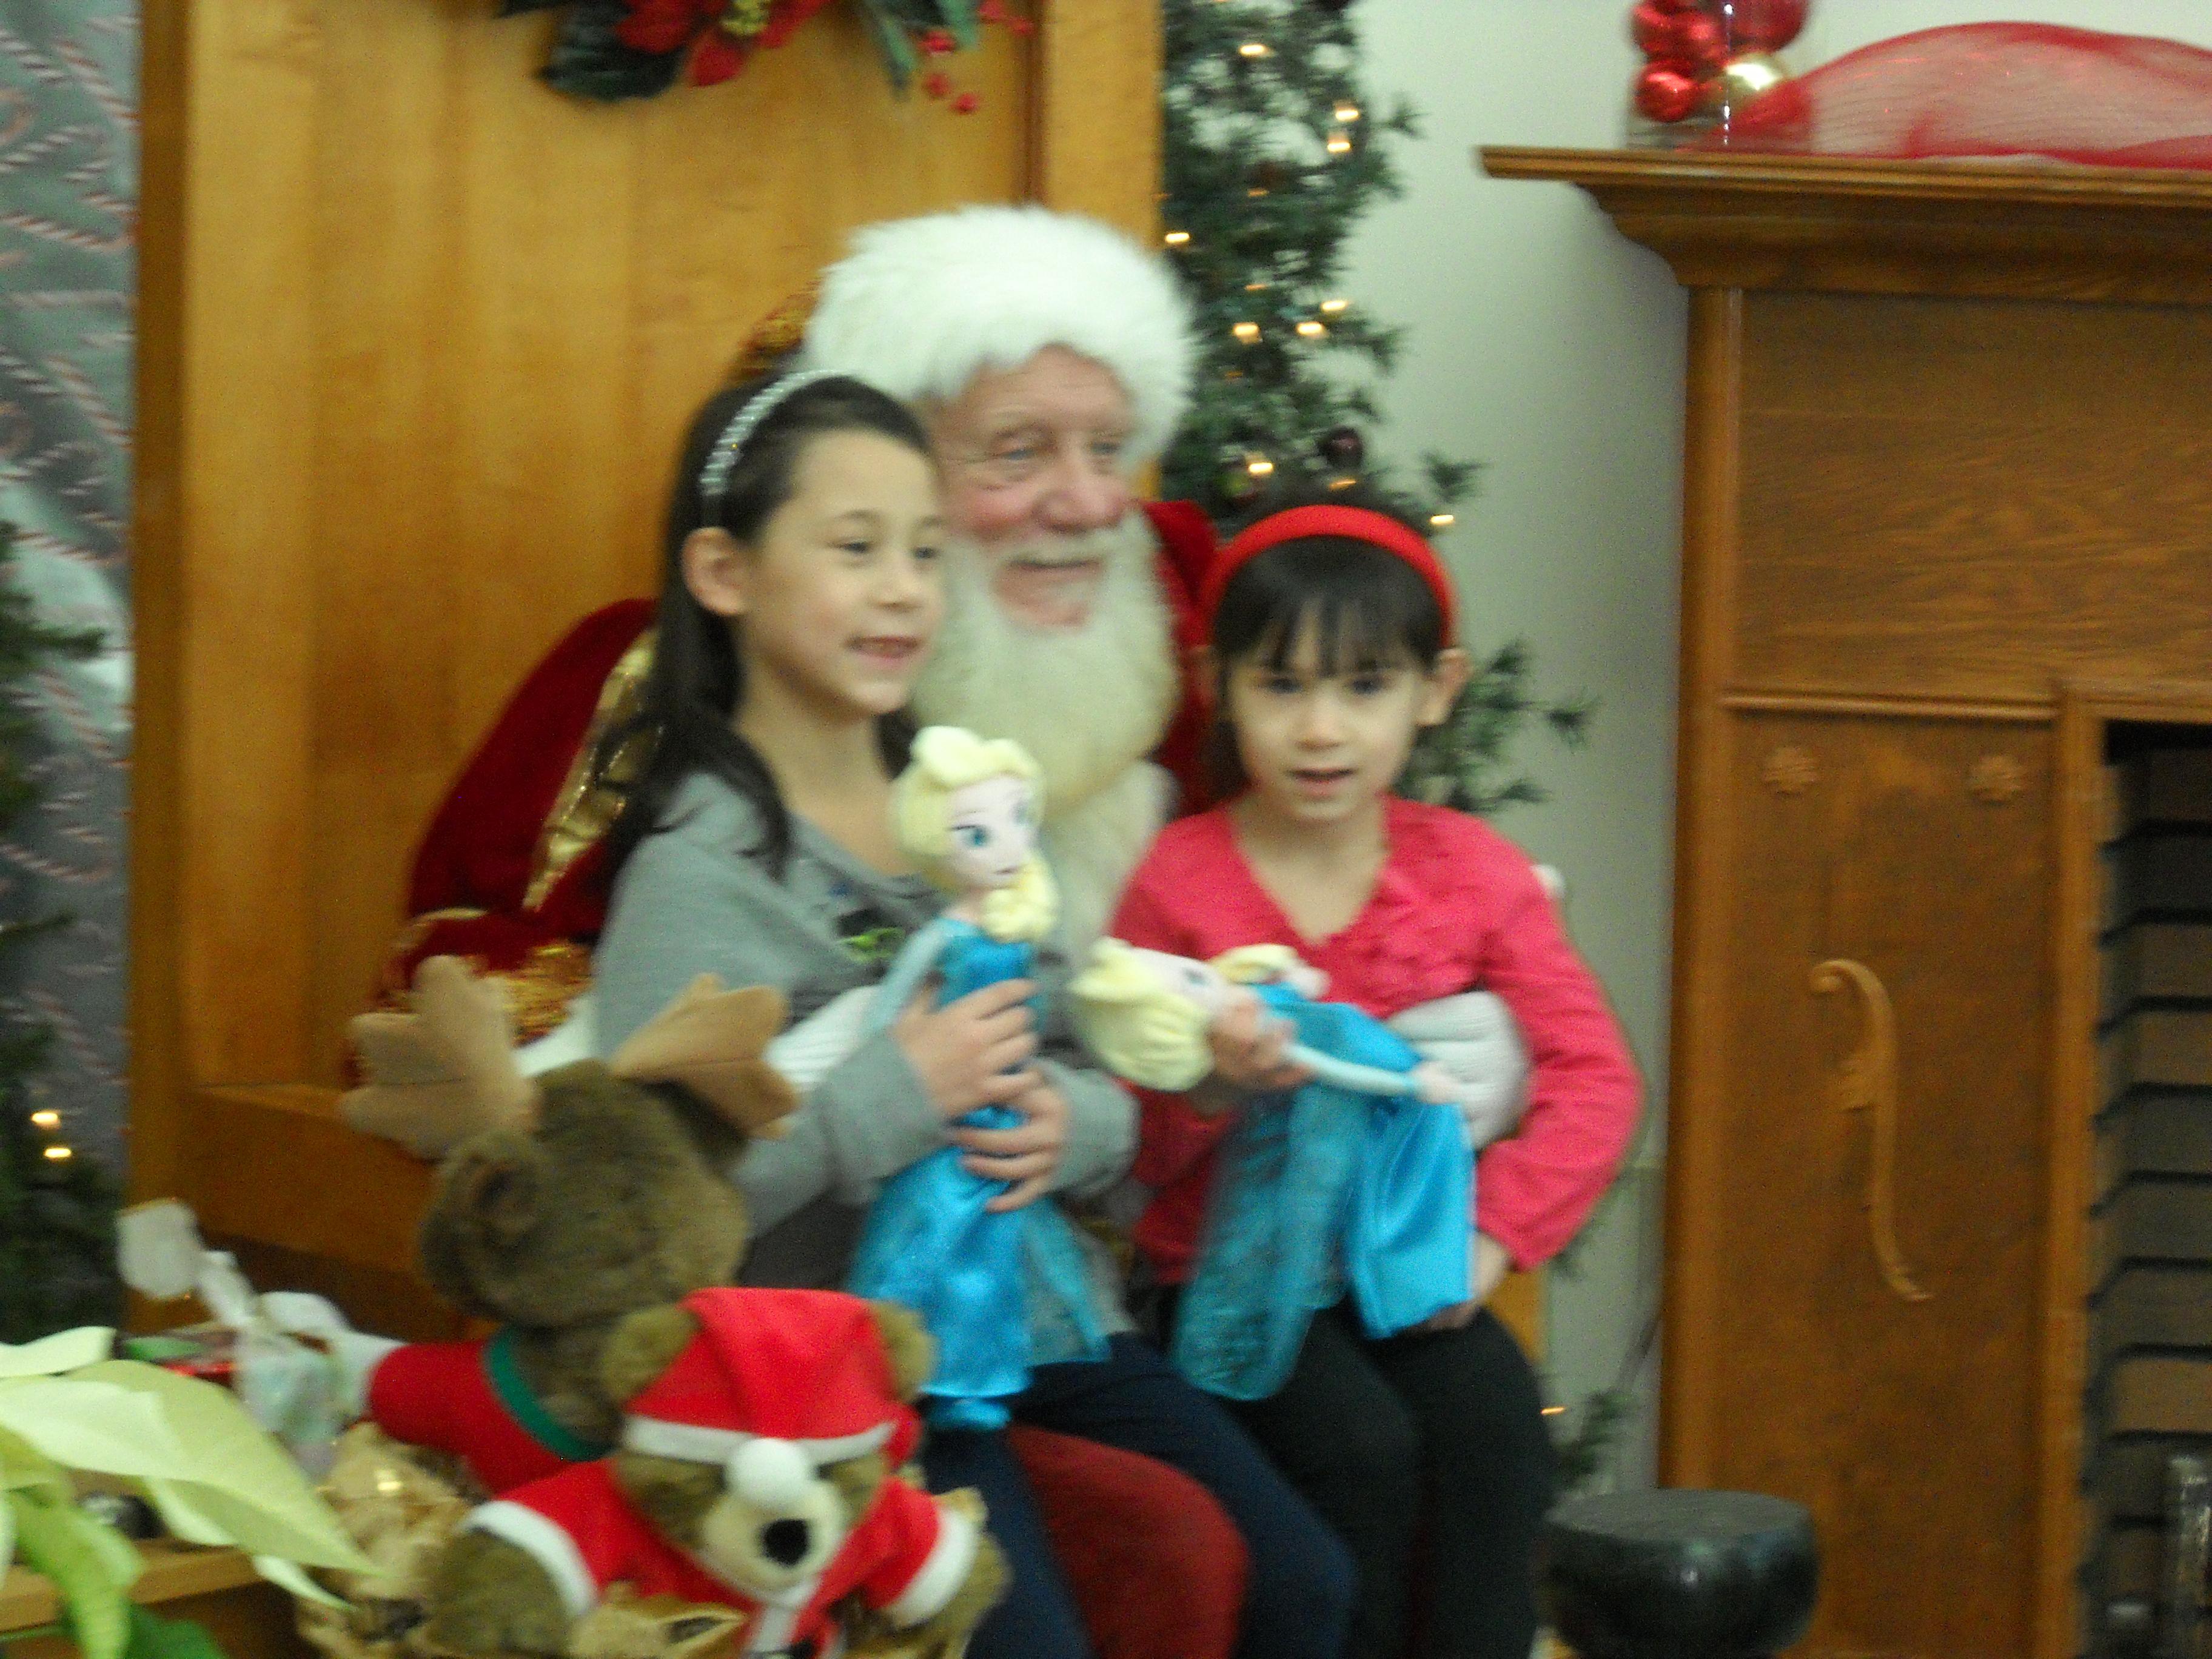 Little girls with Frozen dolls